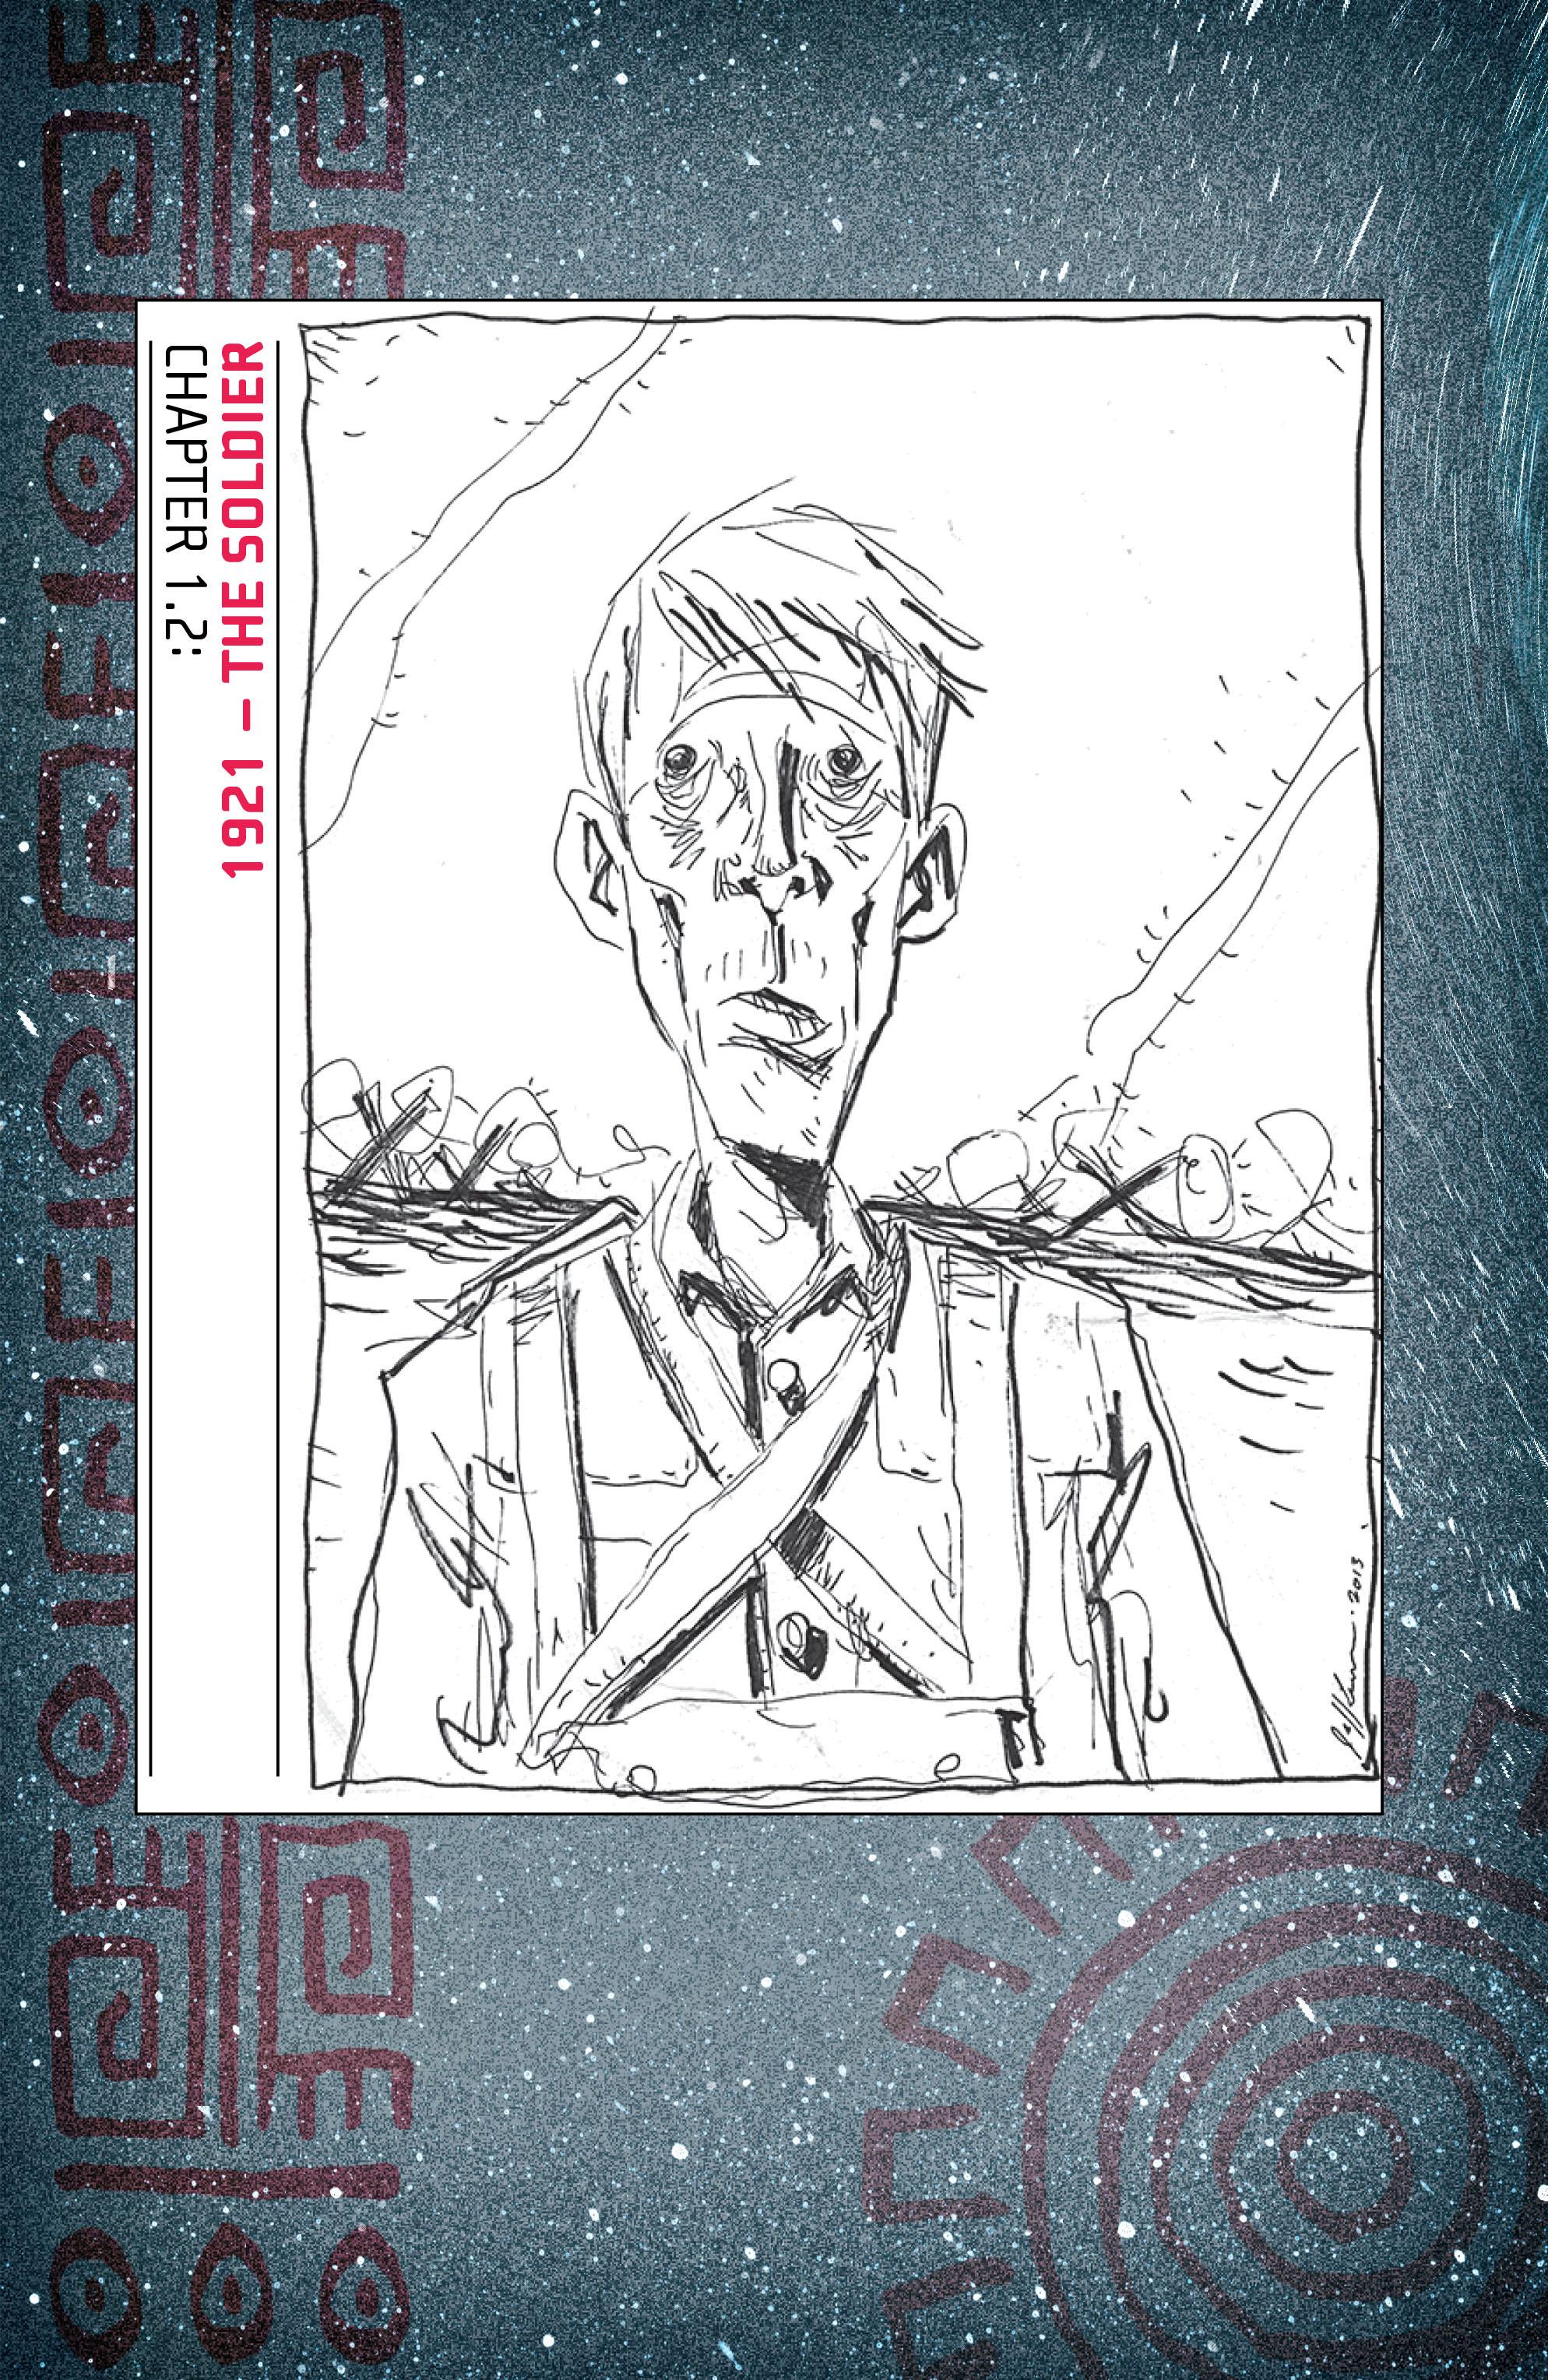 Read online Trillium comic -  Issue # TPB - 21